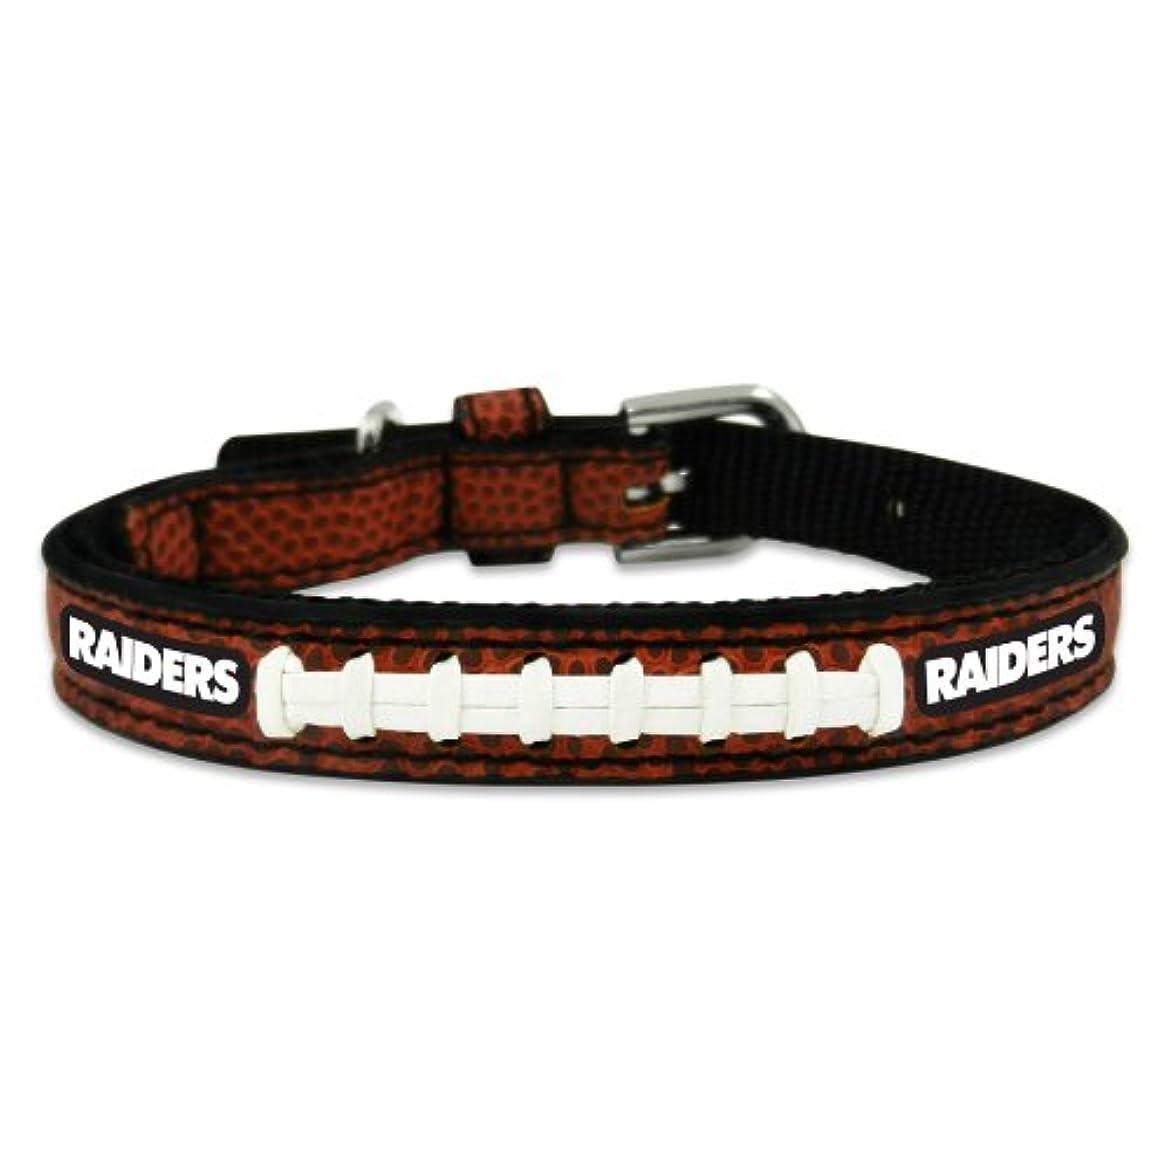 口ひげ代表するクライマックスOakland Raiders Classic Leather Toy Football Collar